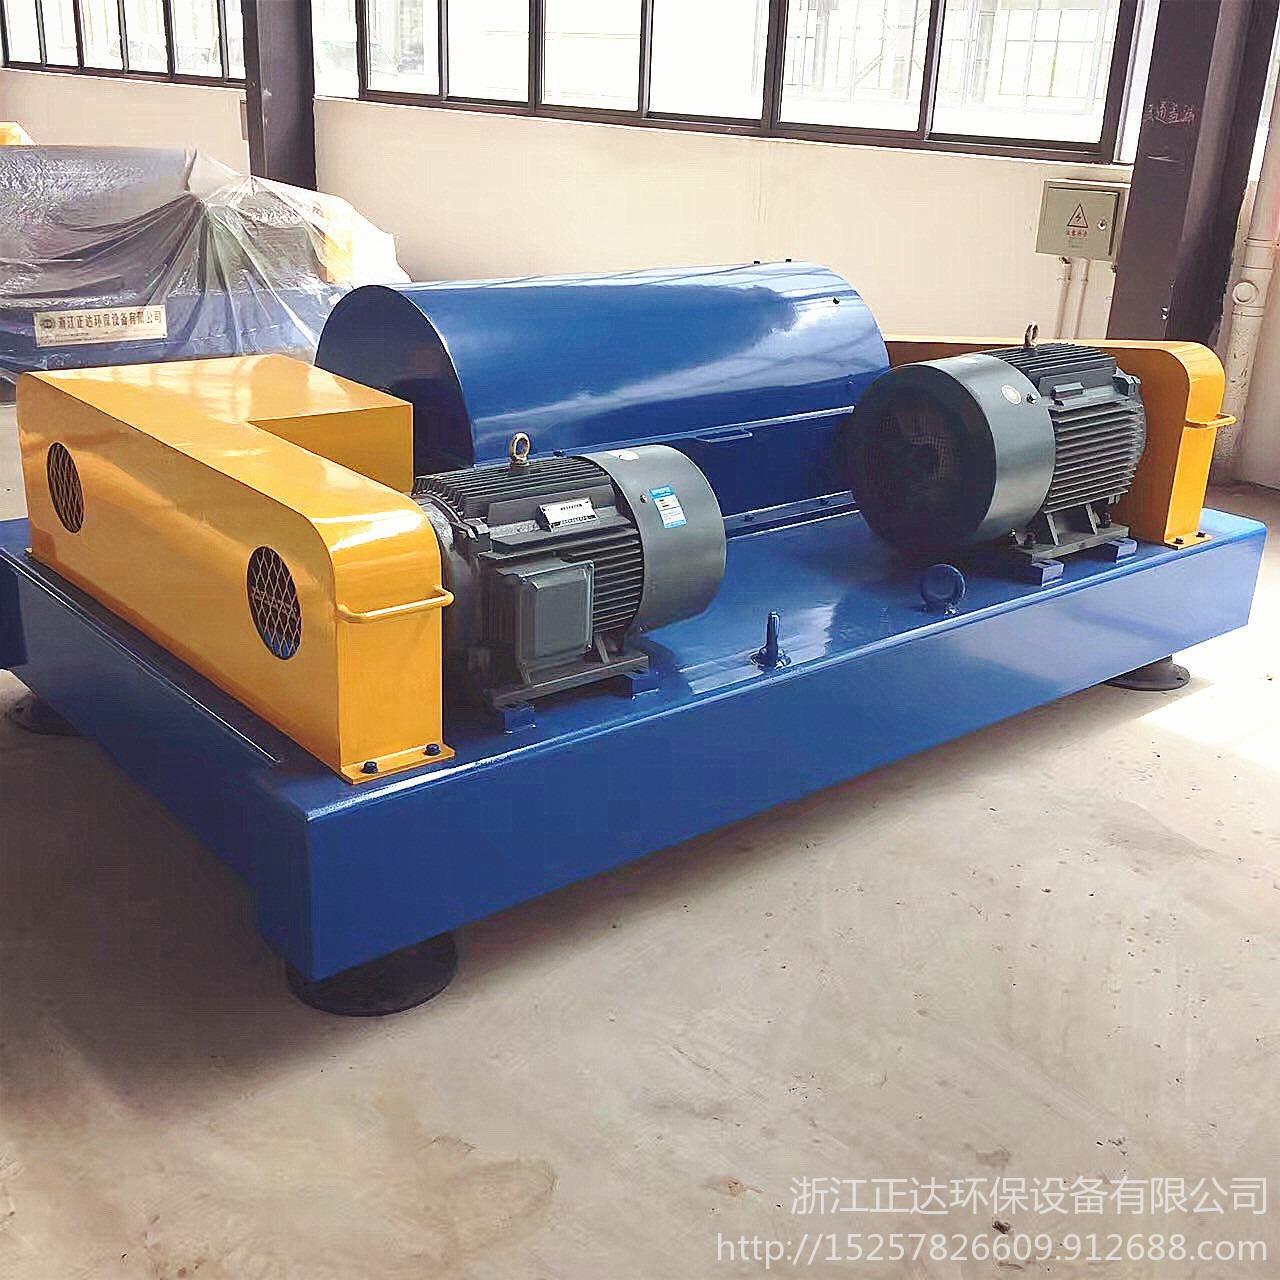 浙江正達 臥螺離心機 WL-450離心脫水機 固液分離設備  碳鋼臥螺離心機價格 現貨臥螺離心機